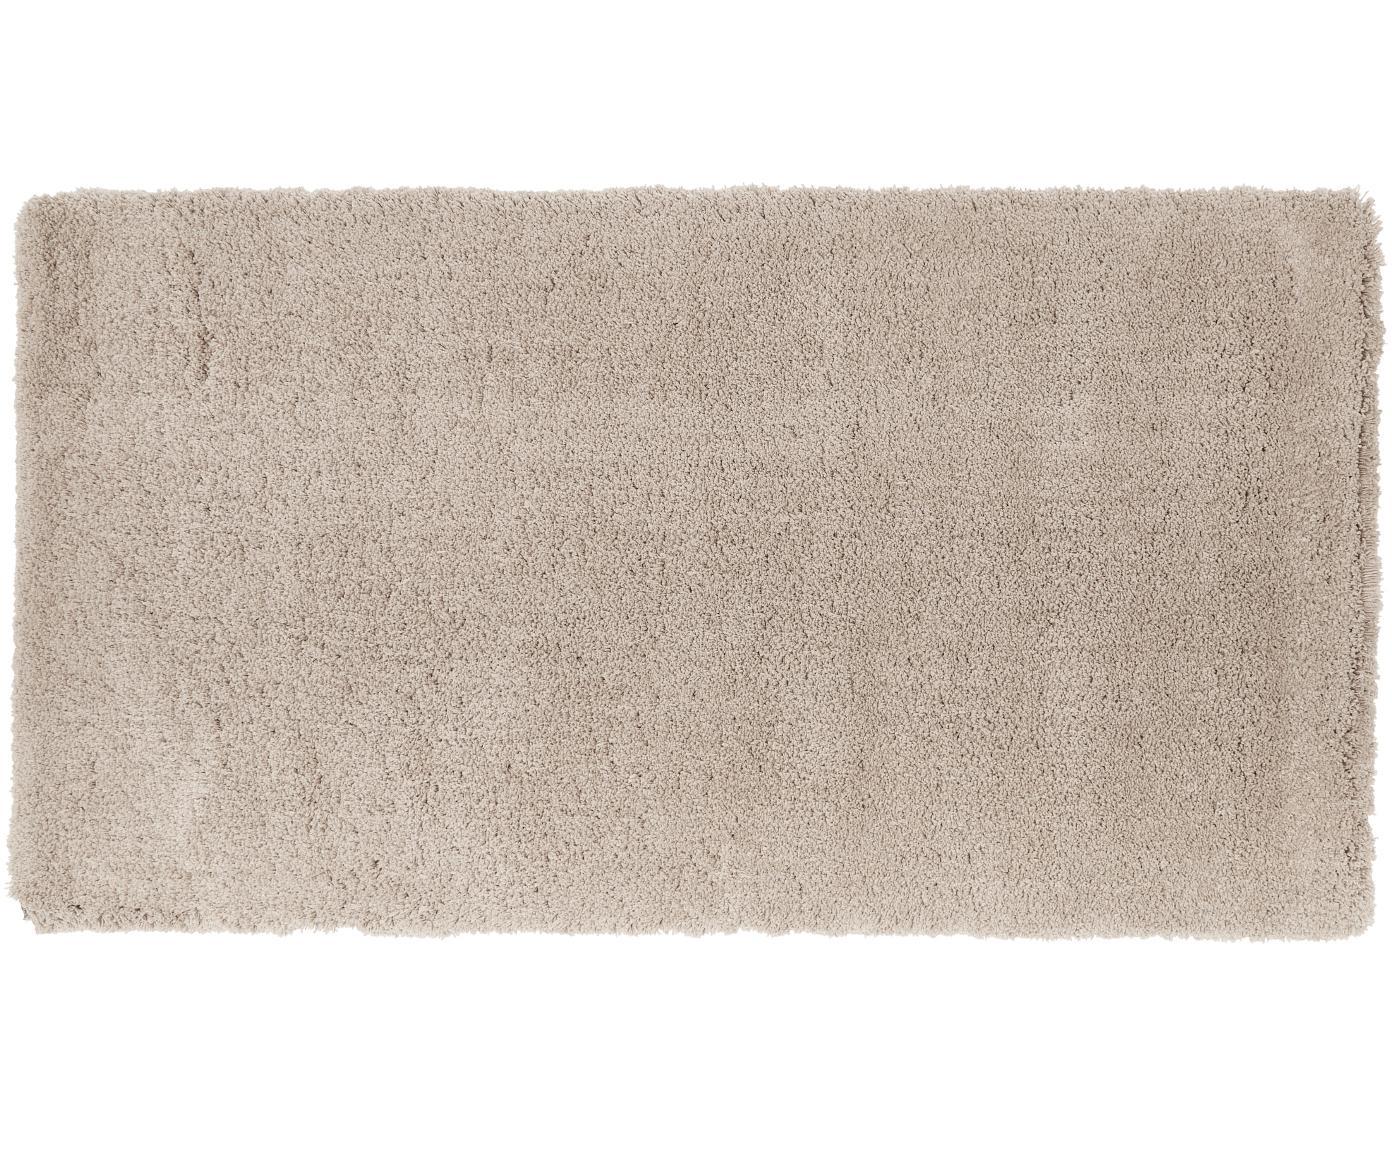 Tappeto peloso morbido beige Leighton, Retro: 100% poliestere, Beige-marrone, Larg. 80 x Lung. 150 cm (taglia XS)